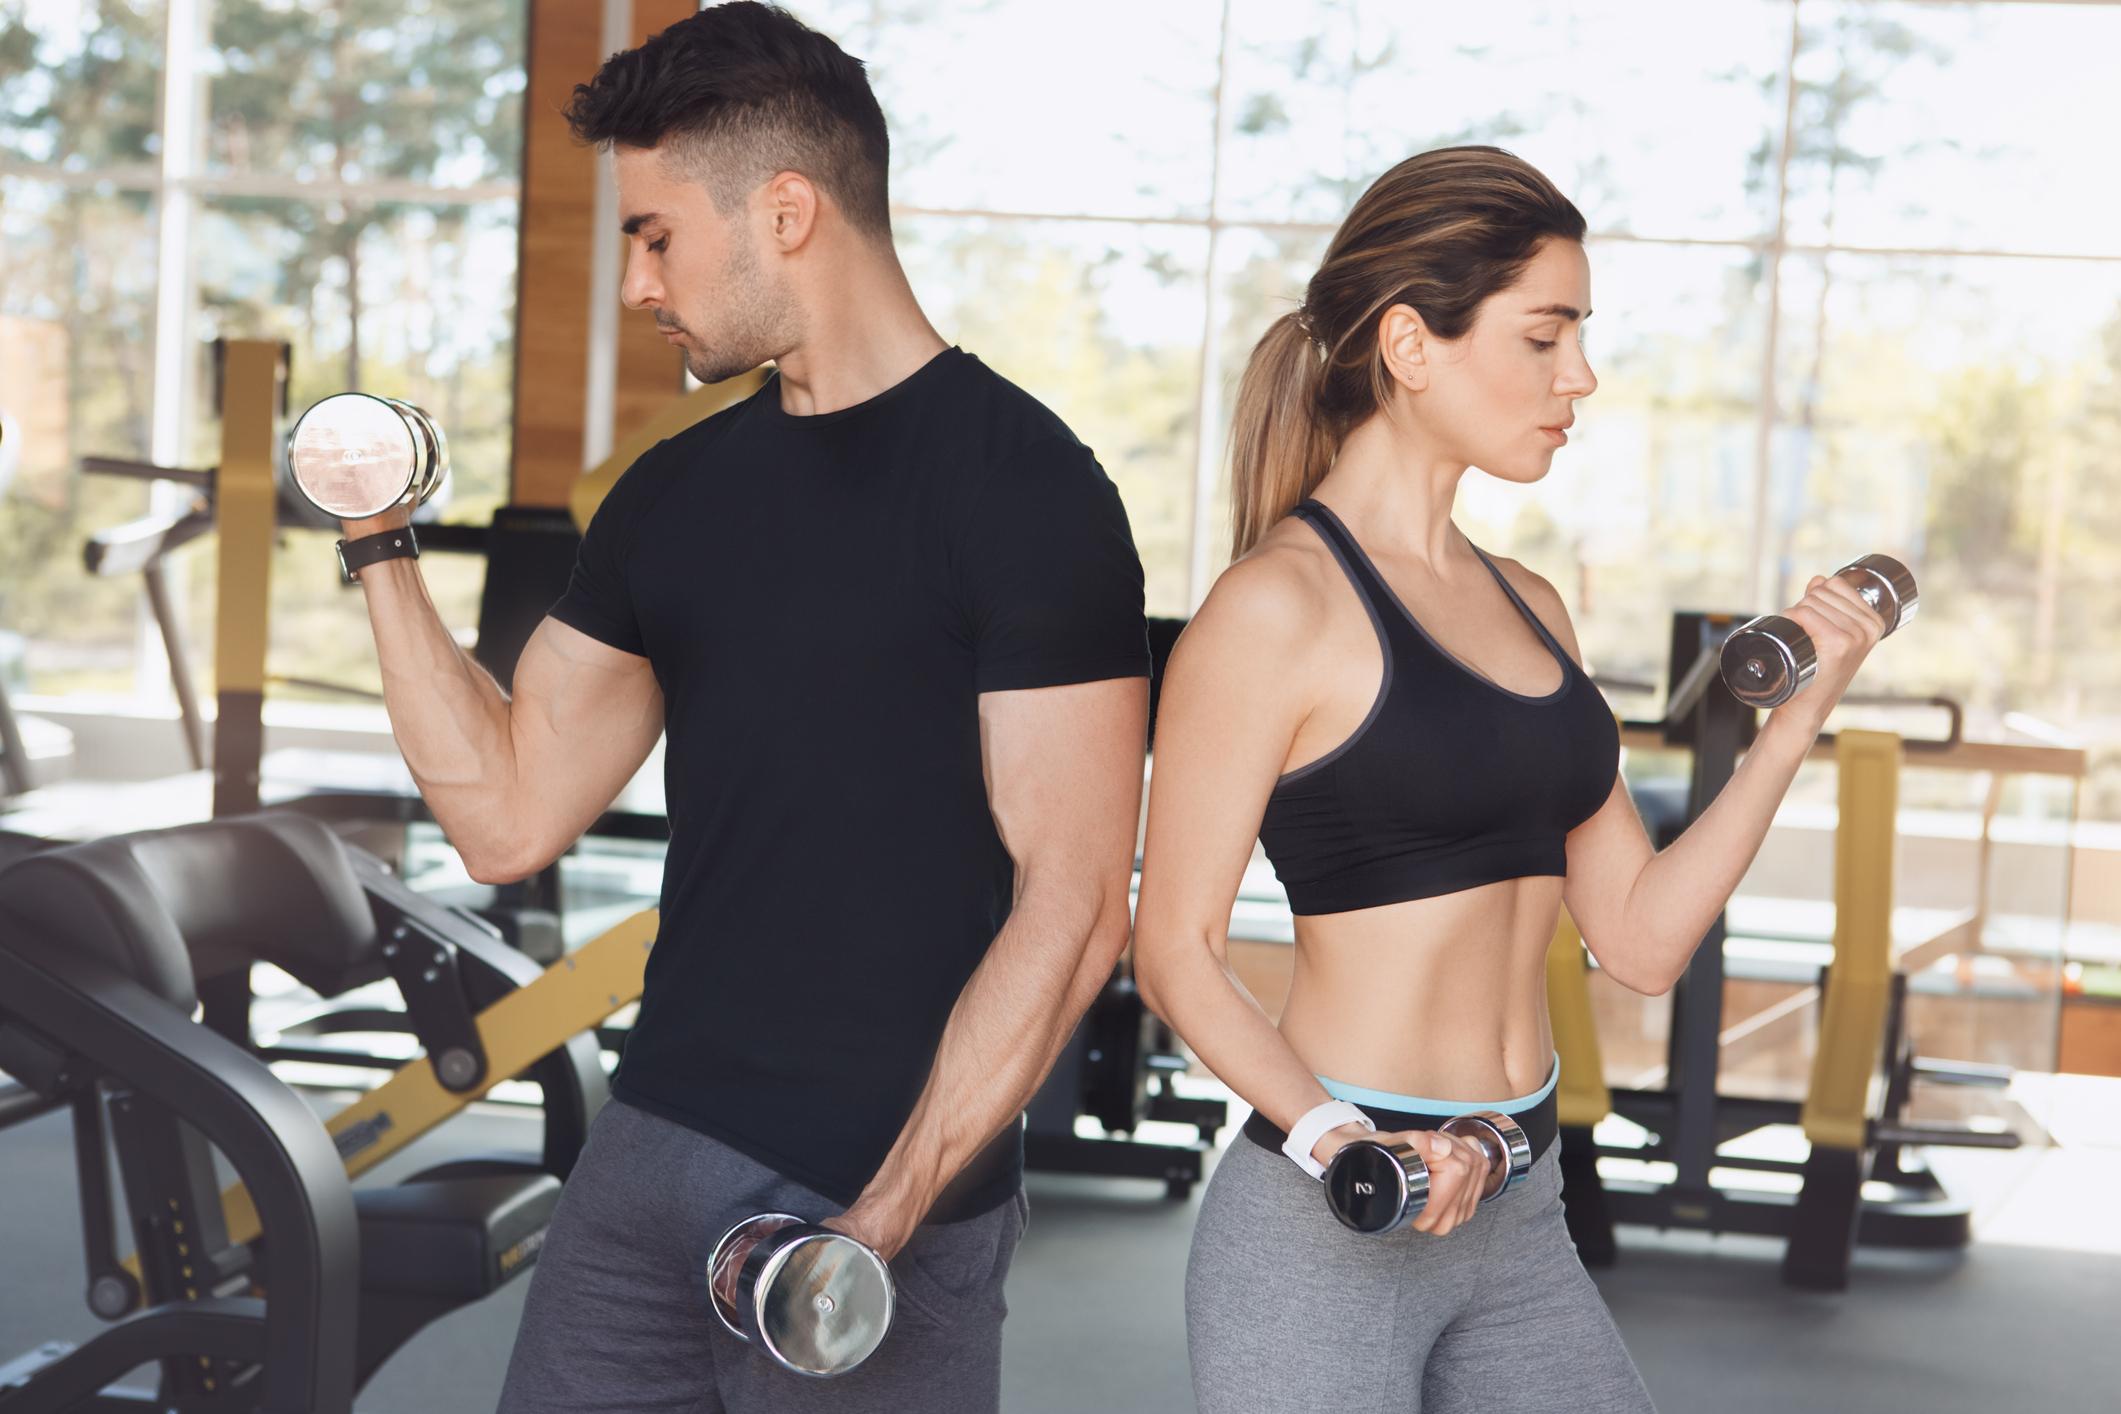 Скільки потрібно тренуватися, щоб наростити бажану м'язову масу